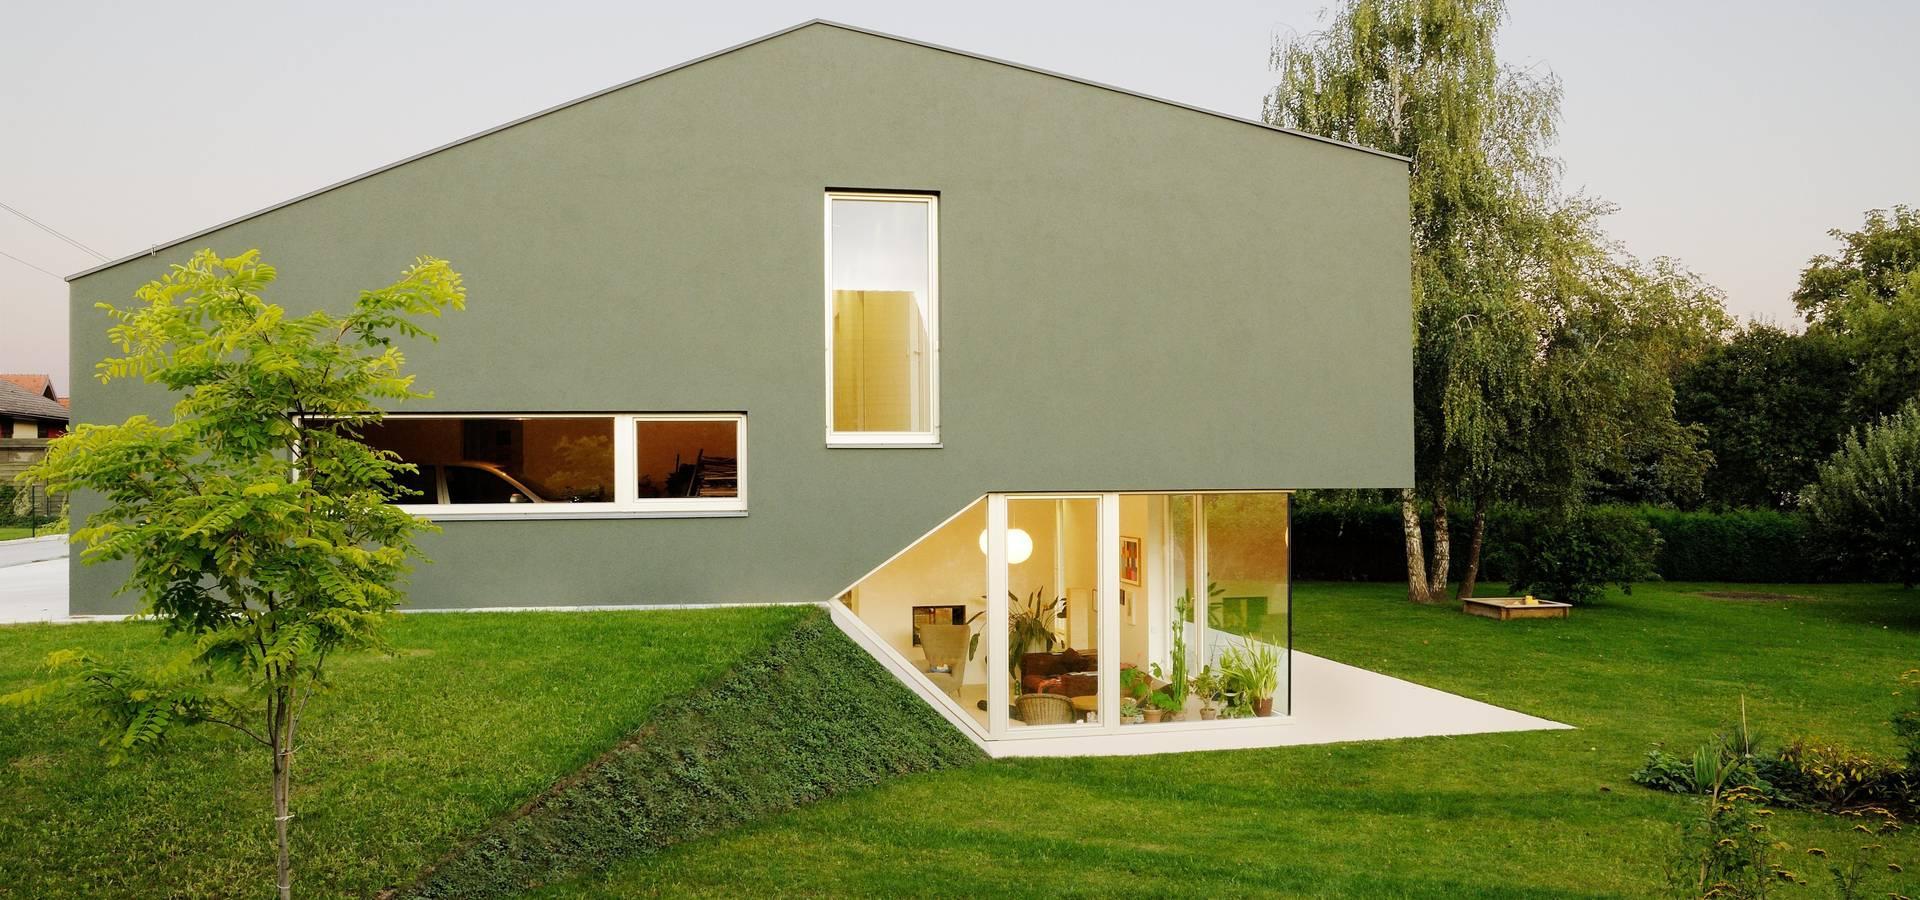 split level haus in wildon by karl ziller architektur homify